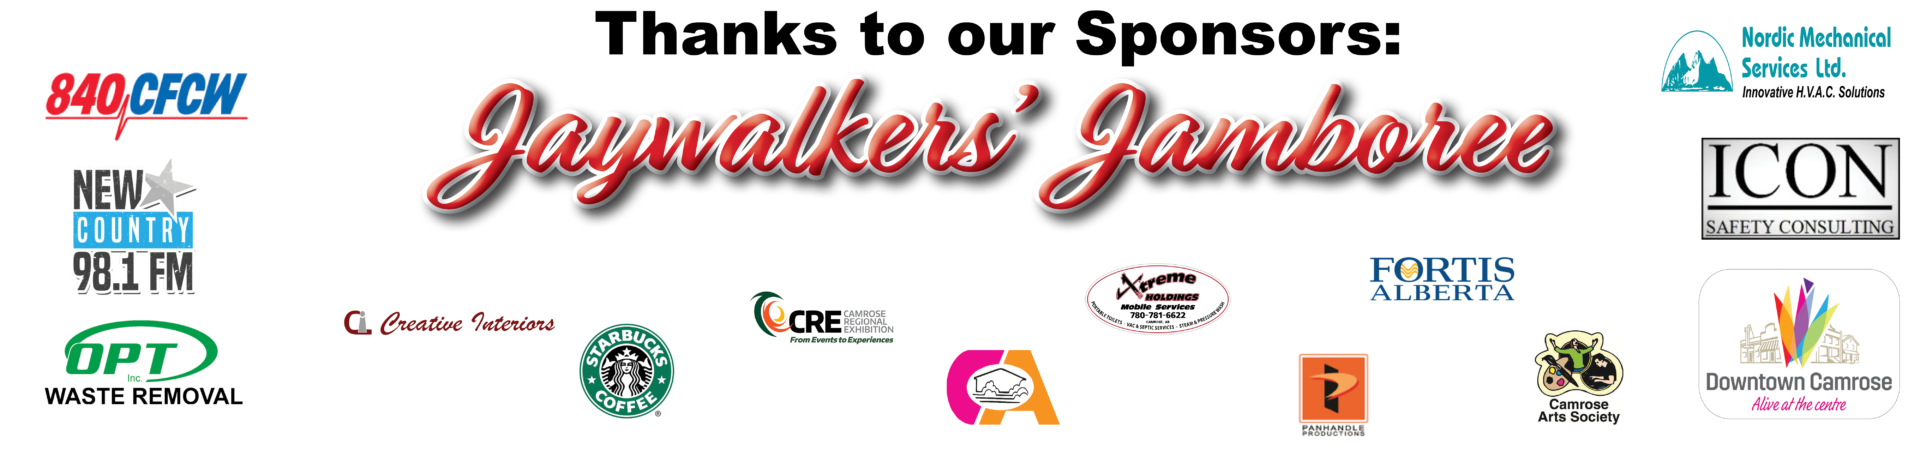 Jaywalker's sponsors